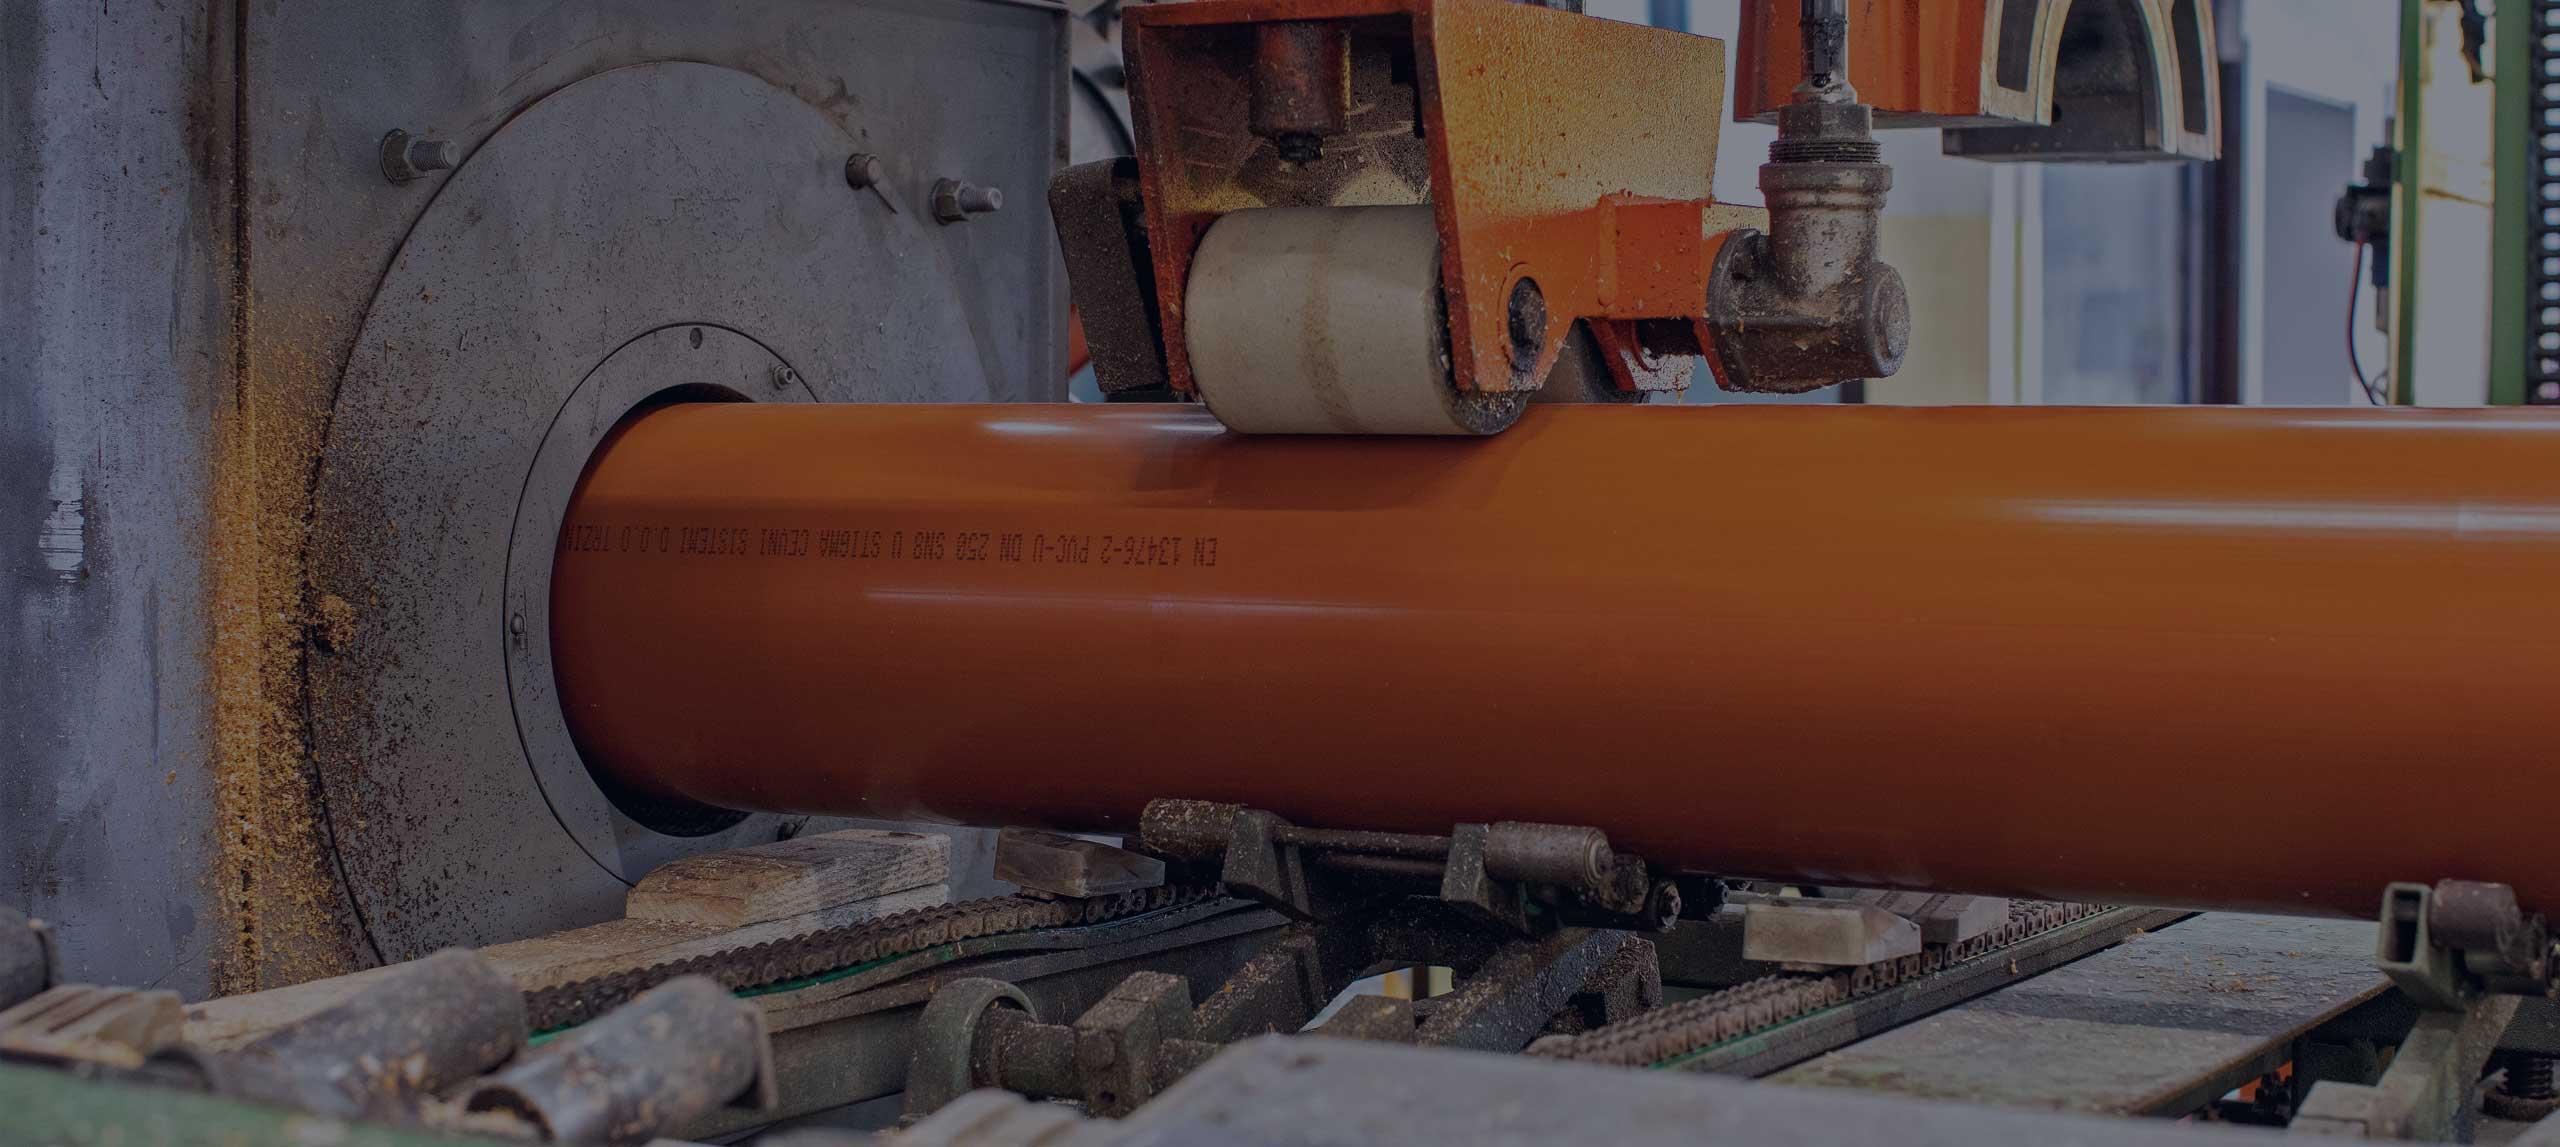 PVC-UK-149-Lastnosti.jpg